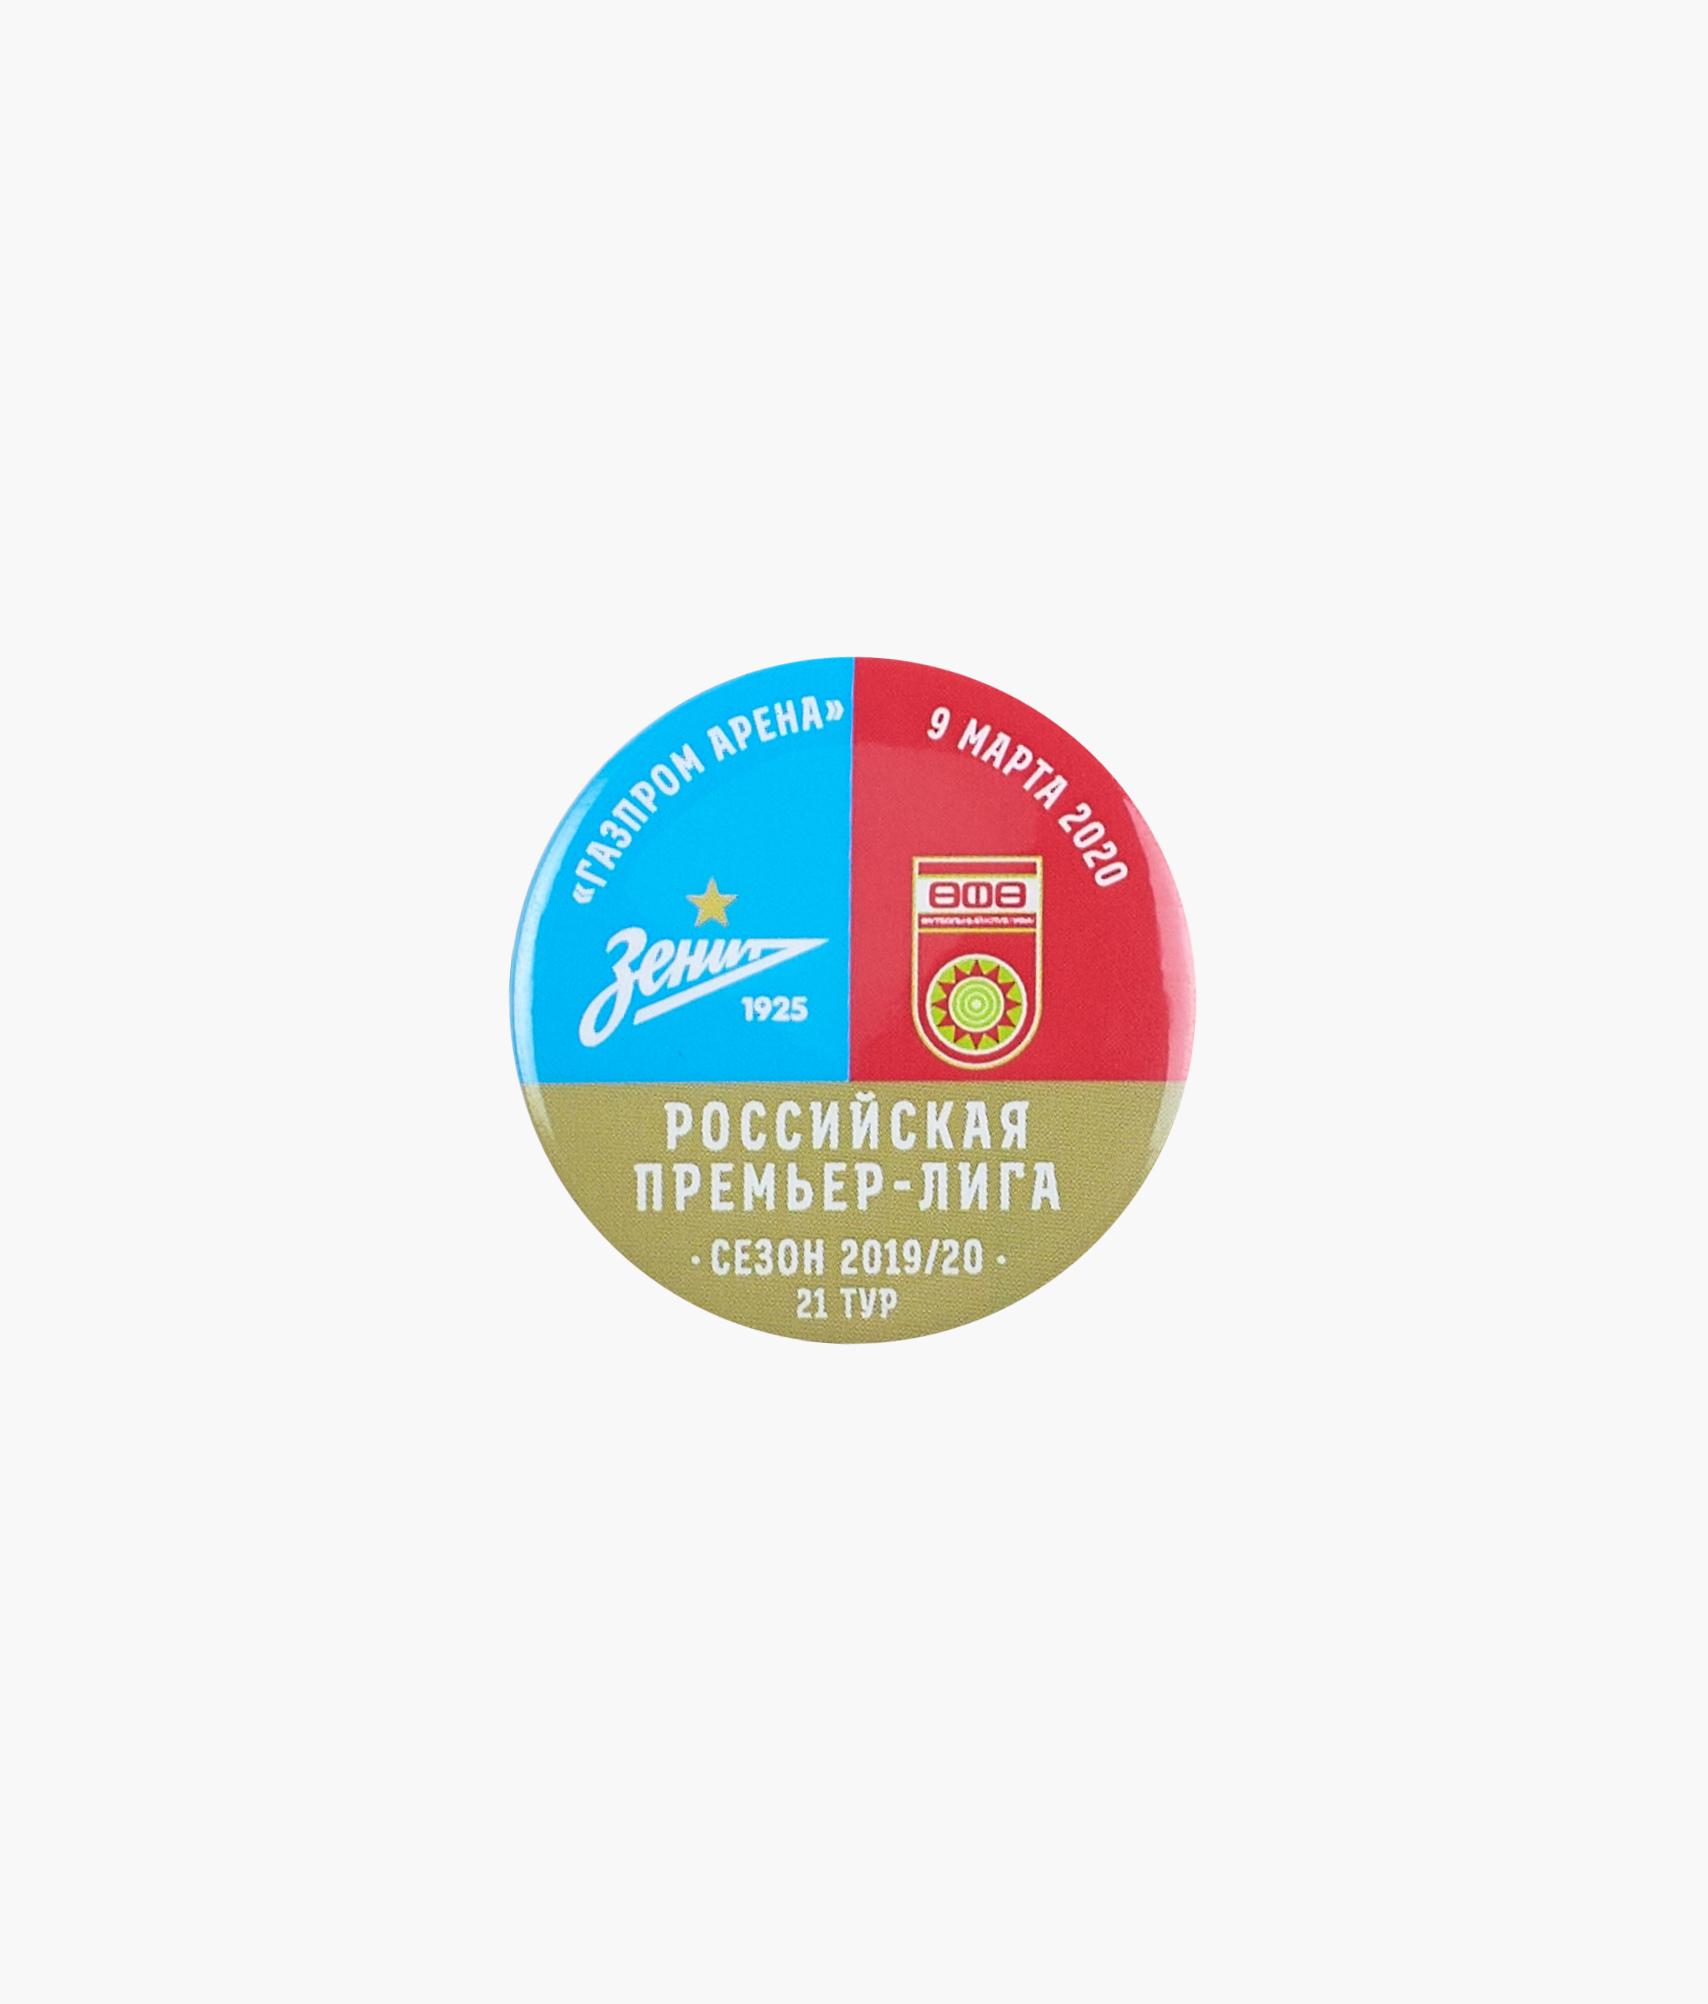 Значок закатной матчевый «Зенит-Уфа» 09.03.2020 Зенит